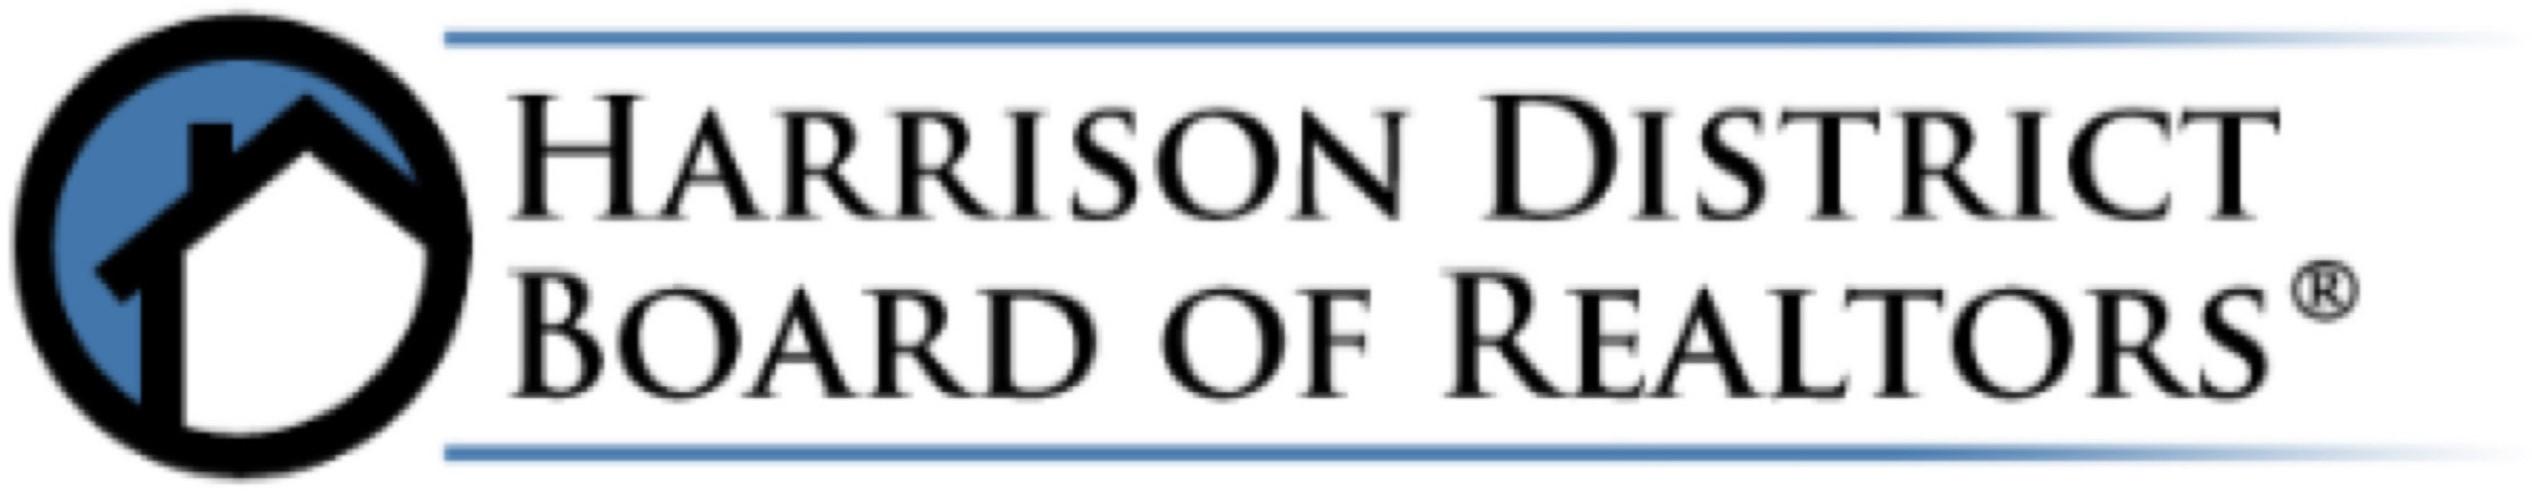 Harrison District Board of Realtors